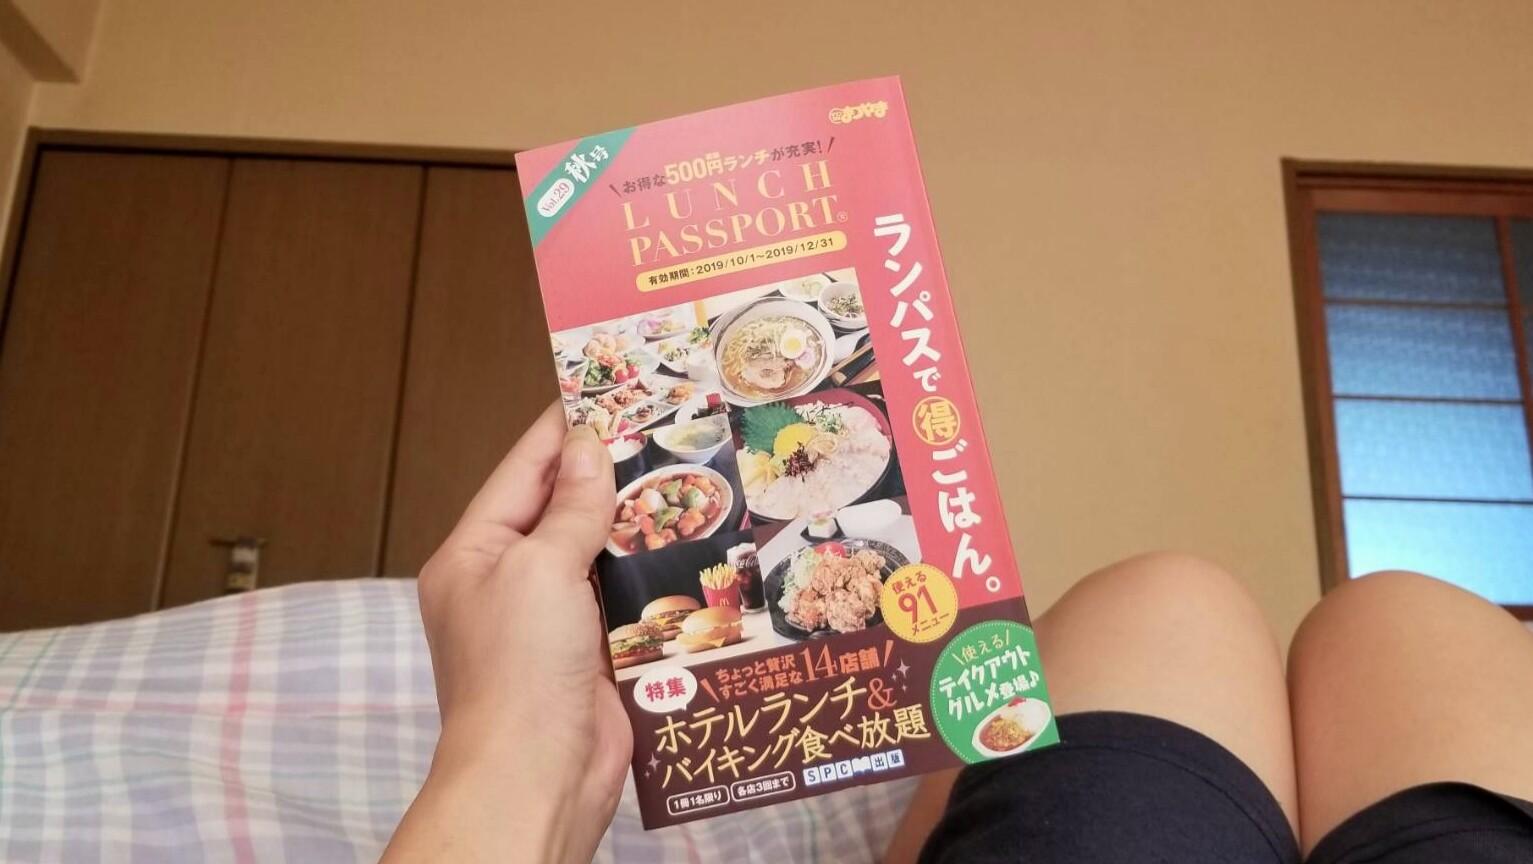 ランチパスポート愛媛県松山市グルメおいしいおすすめ本得情報ブログ